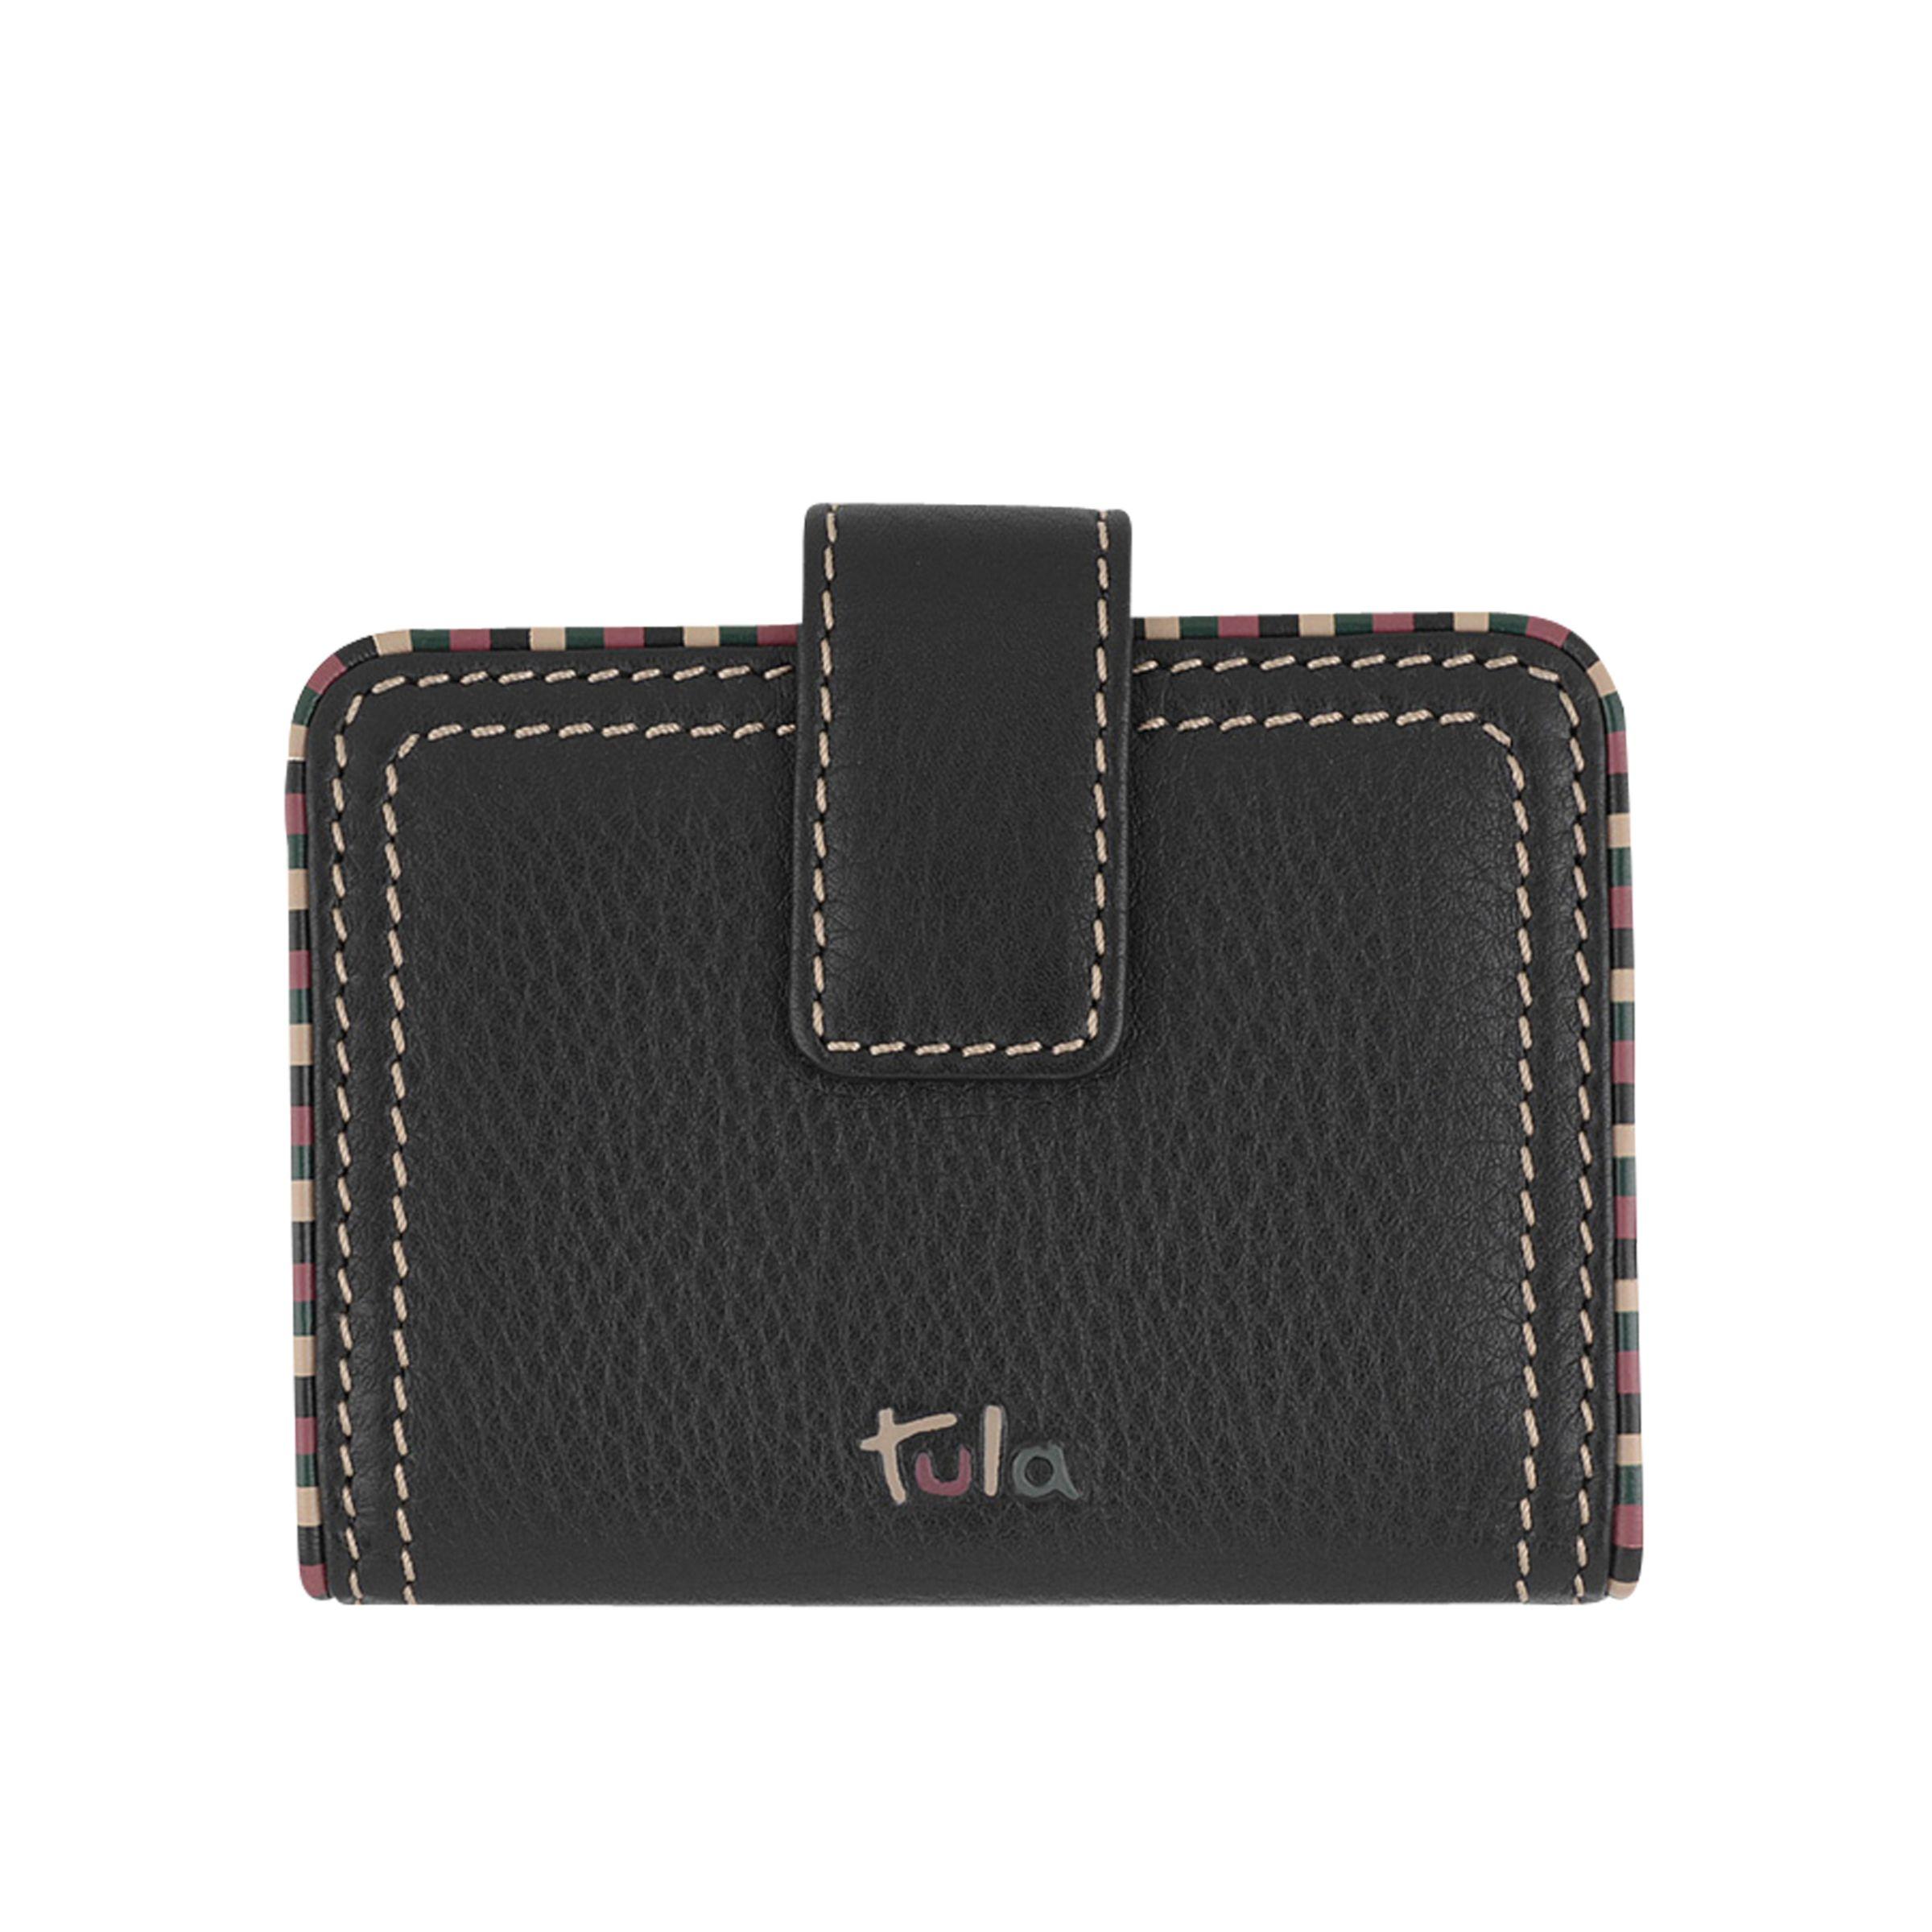 Tula Tula Mallory Leather Card Holder